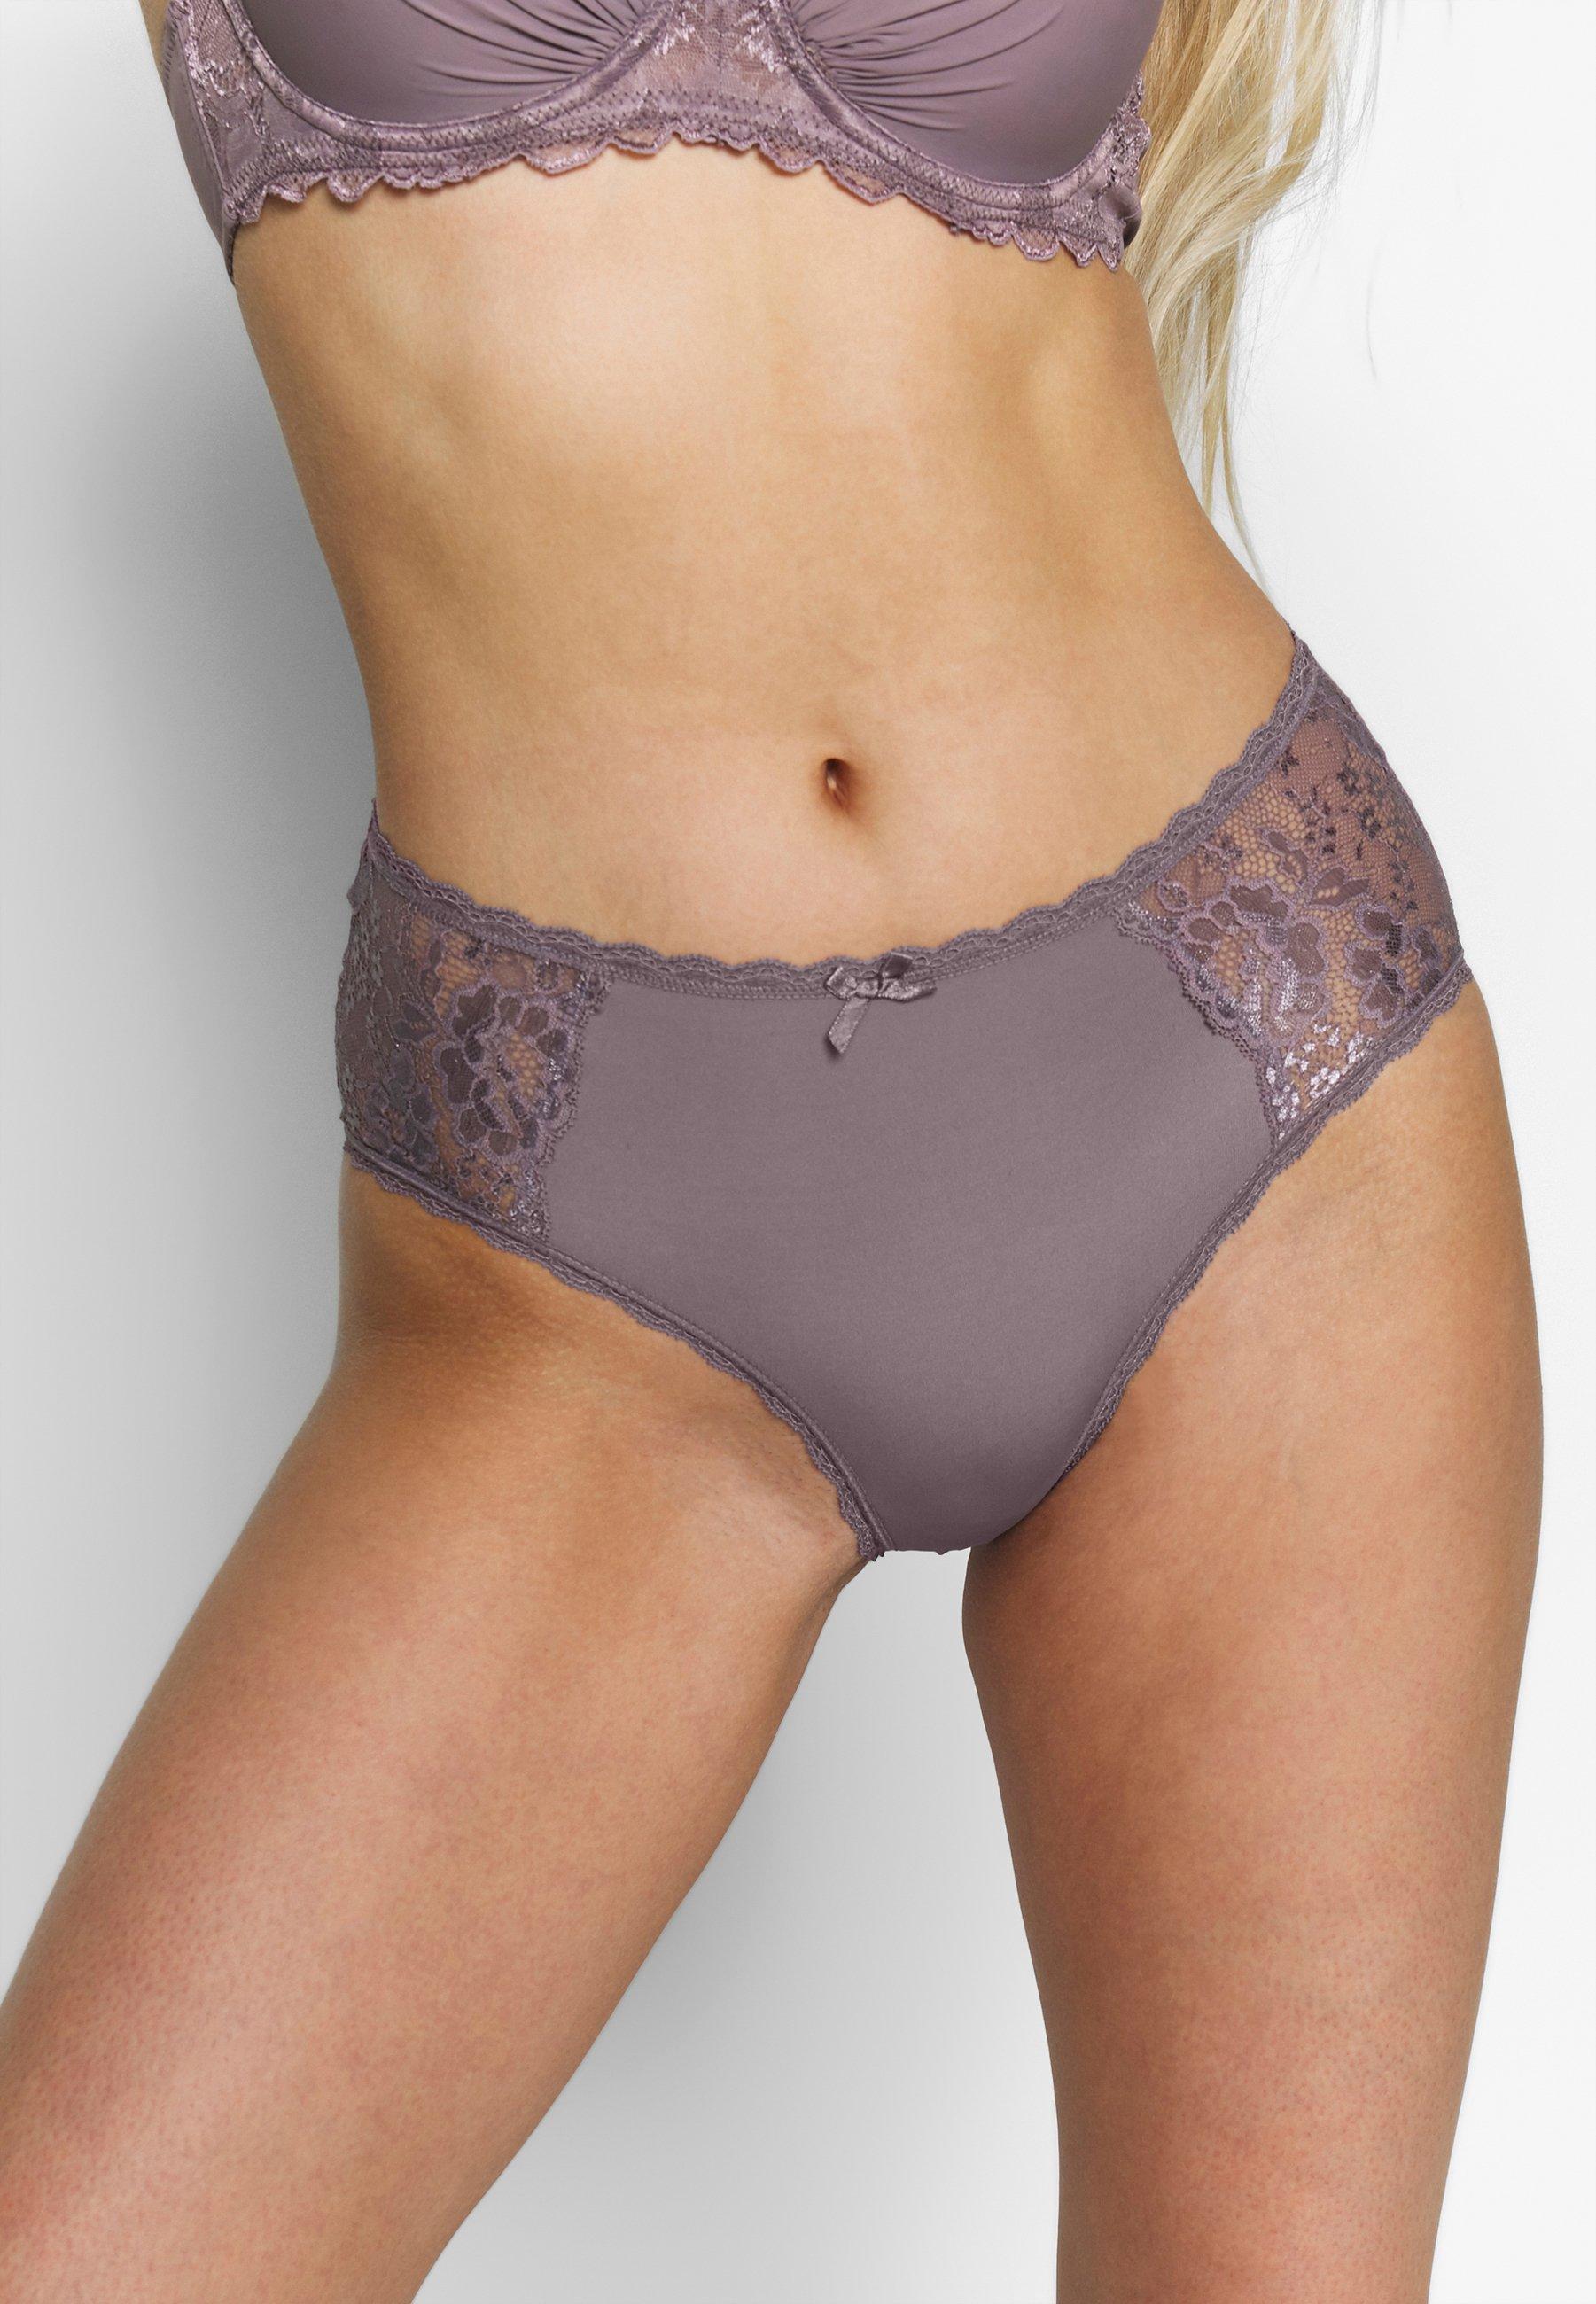 LASCANA PANTY   Panties   new taupe/taupe   Zalando.de